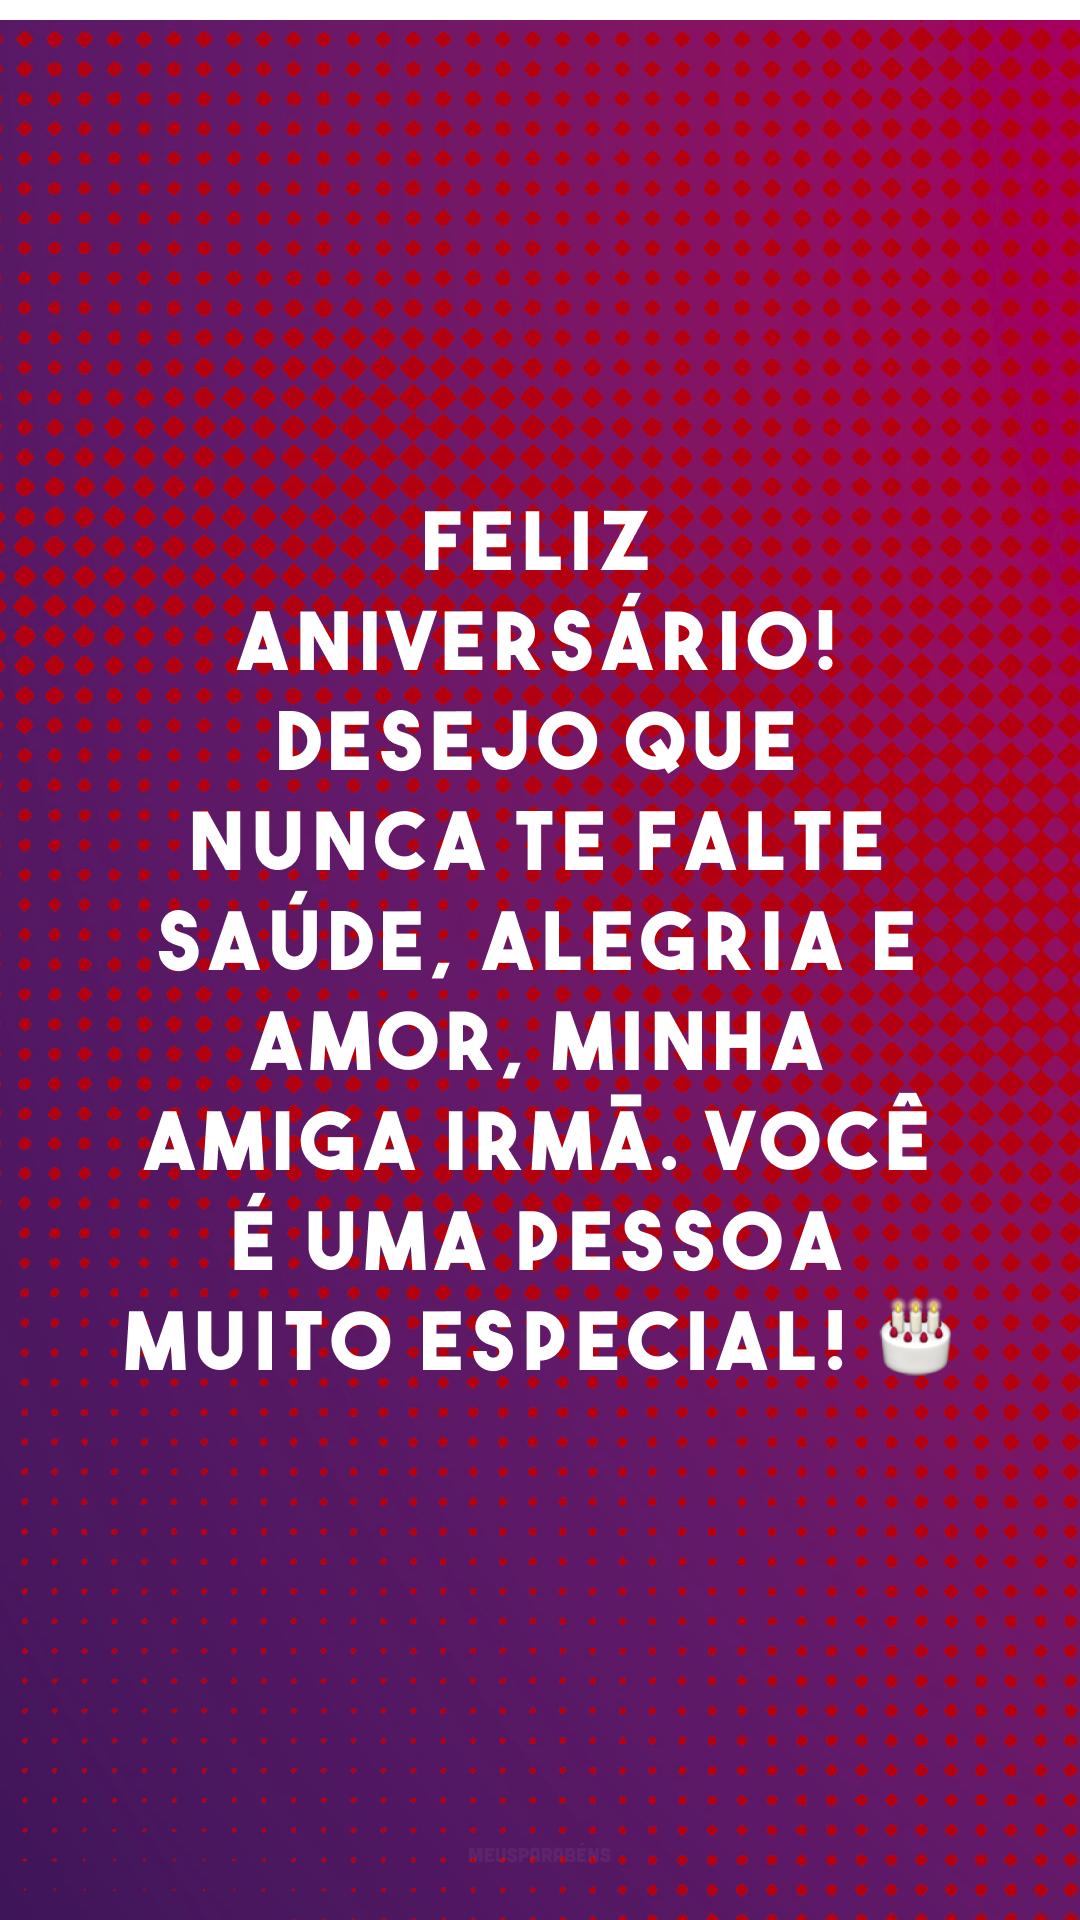 Feliz aniversário! Desejo que nunca te falte saúde, alegria e amor, minha amiga irmã. Você é uma pessoa muito especial! 🎂